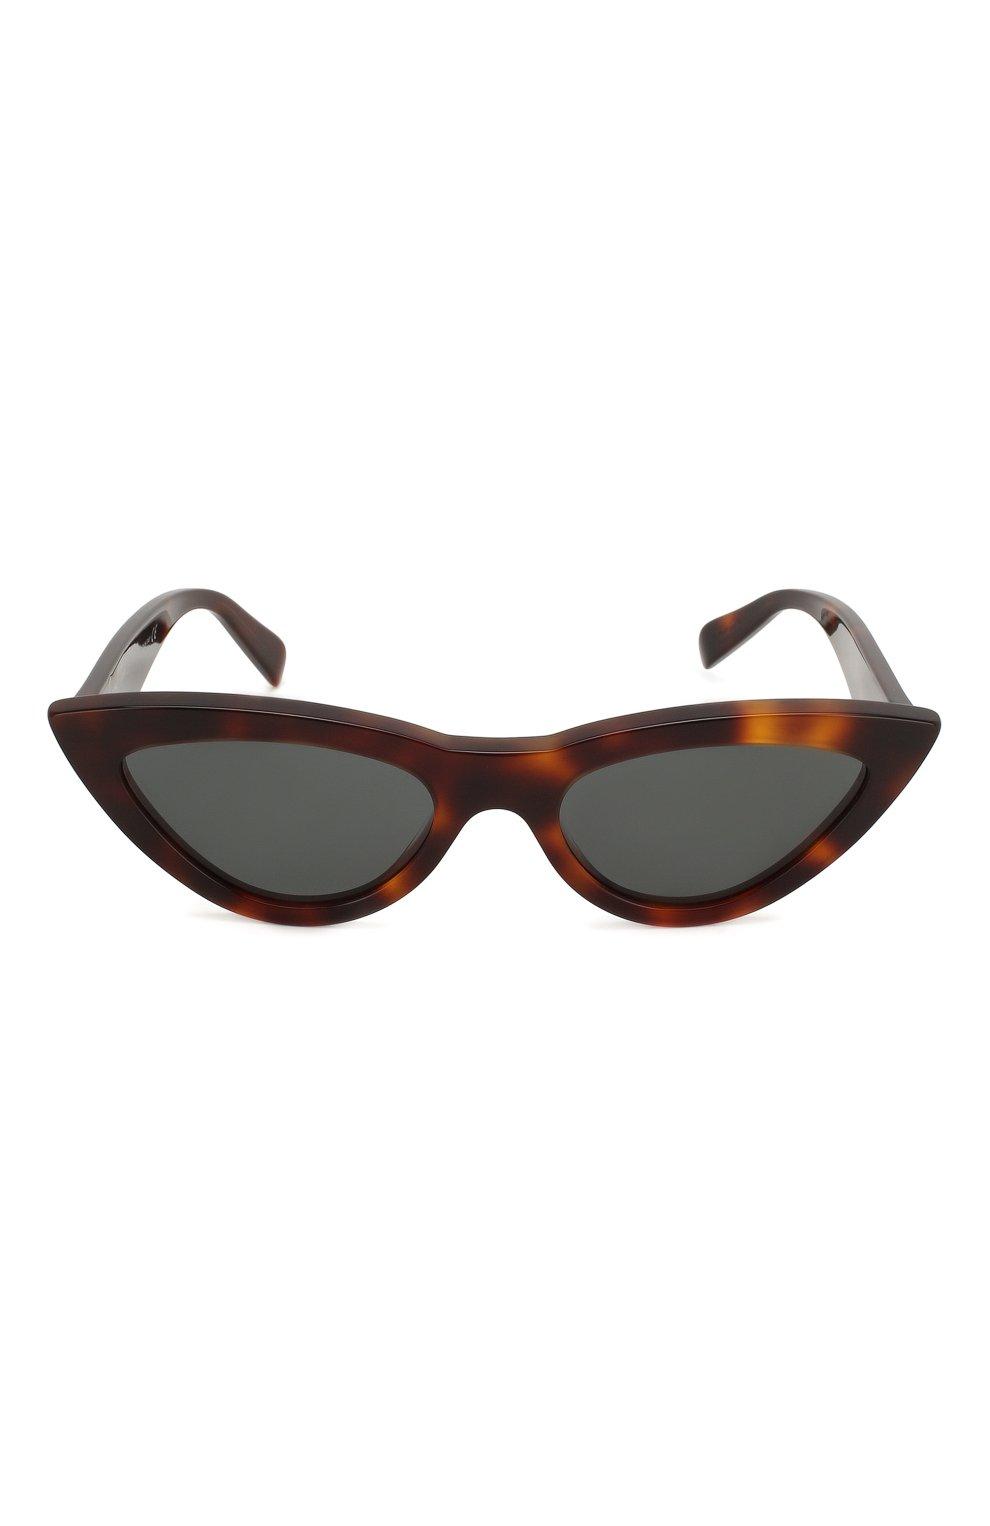 Женские солнцезащитные очки CELINE EYEWEAR коричневого цвета, арт. CL4019IN 53N   Фото 3